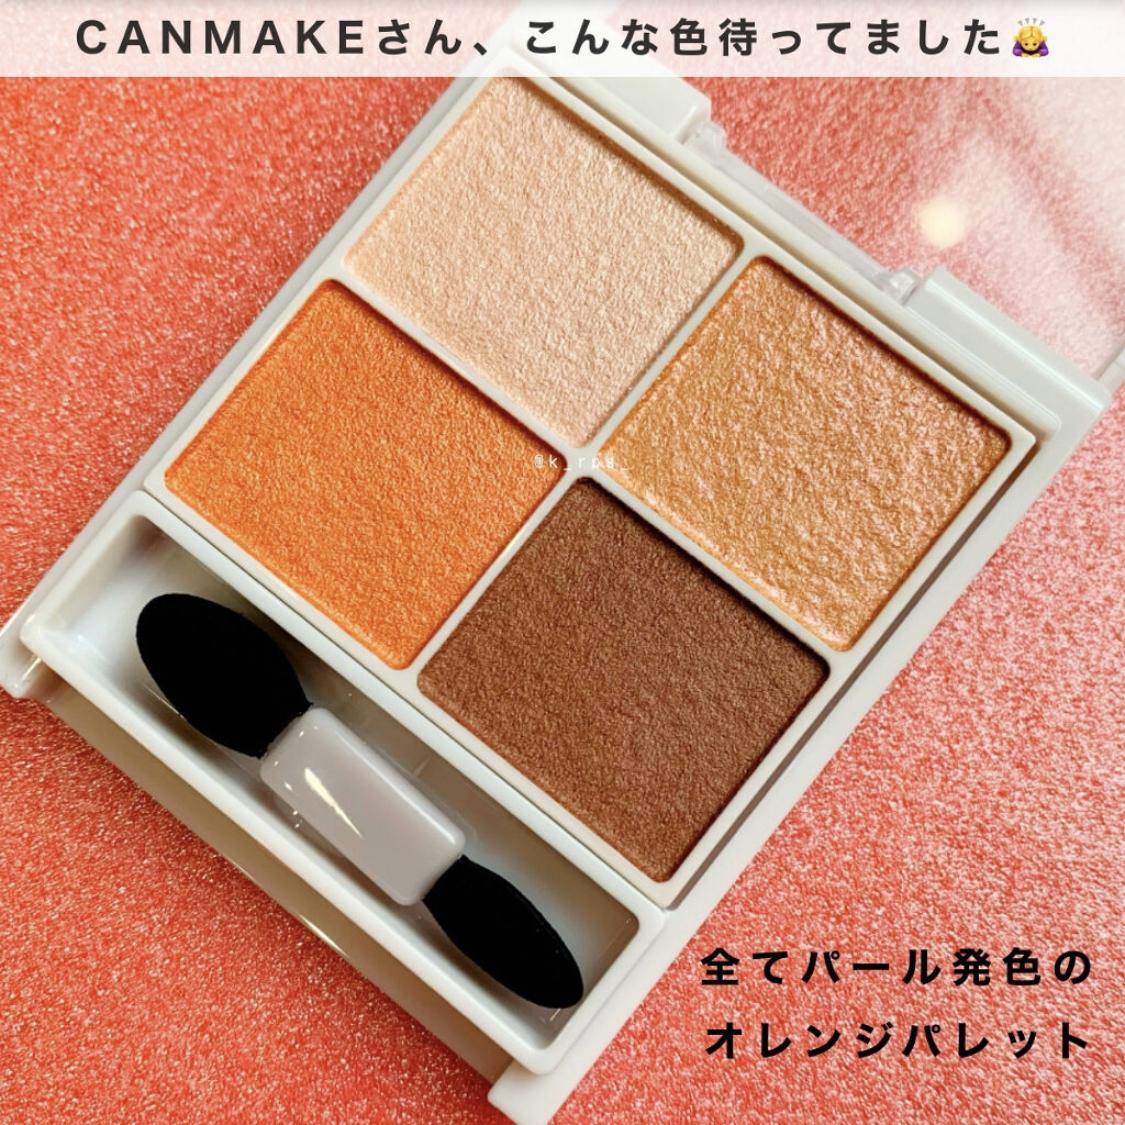 CANMAKE(キャンメイク) シルキースフレアイズを使ったKeiさんのクチコミ画像2